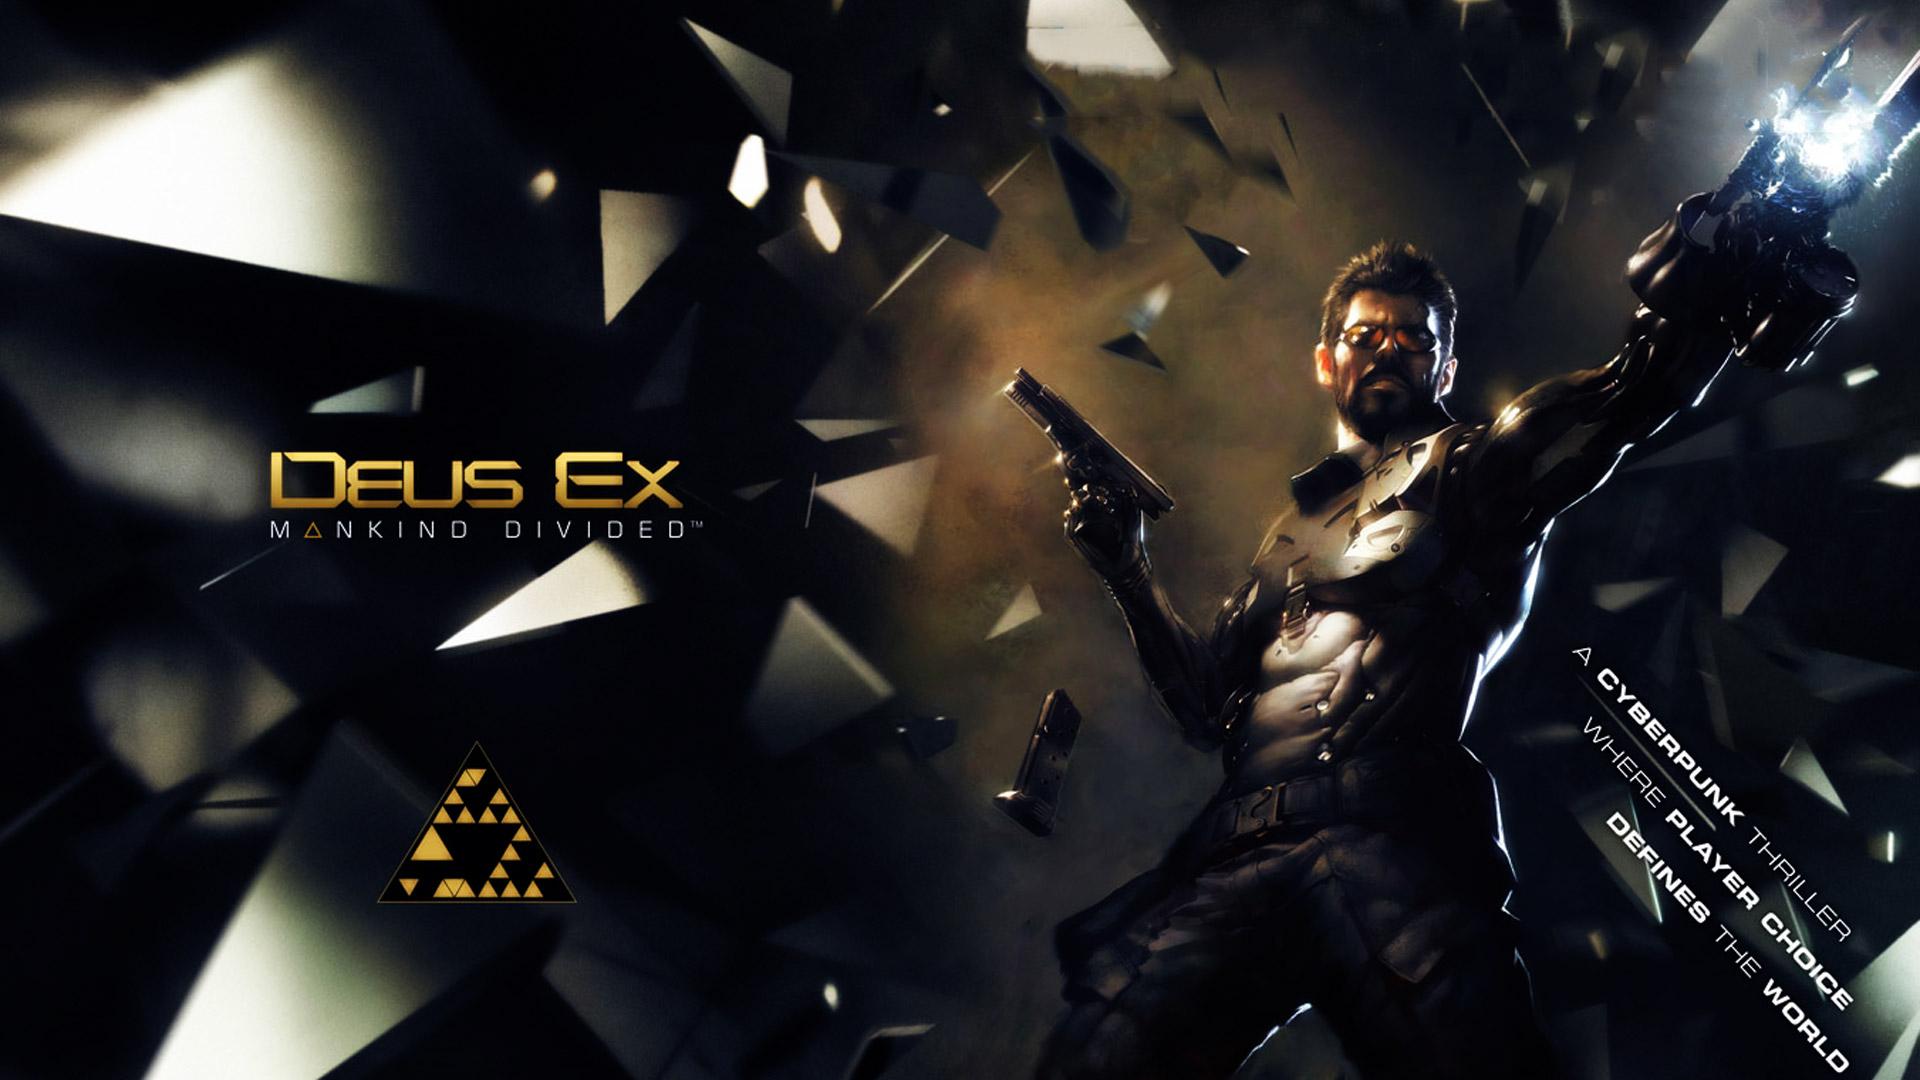 Free Deus Ex: Mankind Divided Wallpaper in 1920x1080